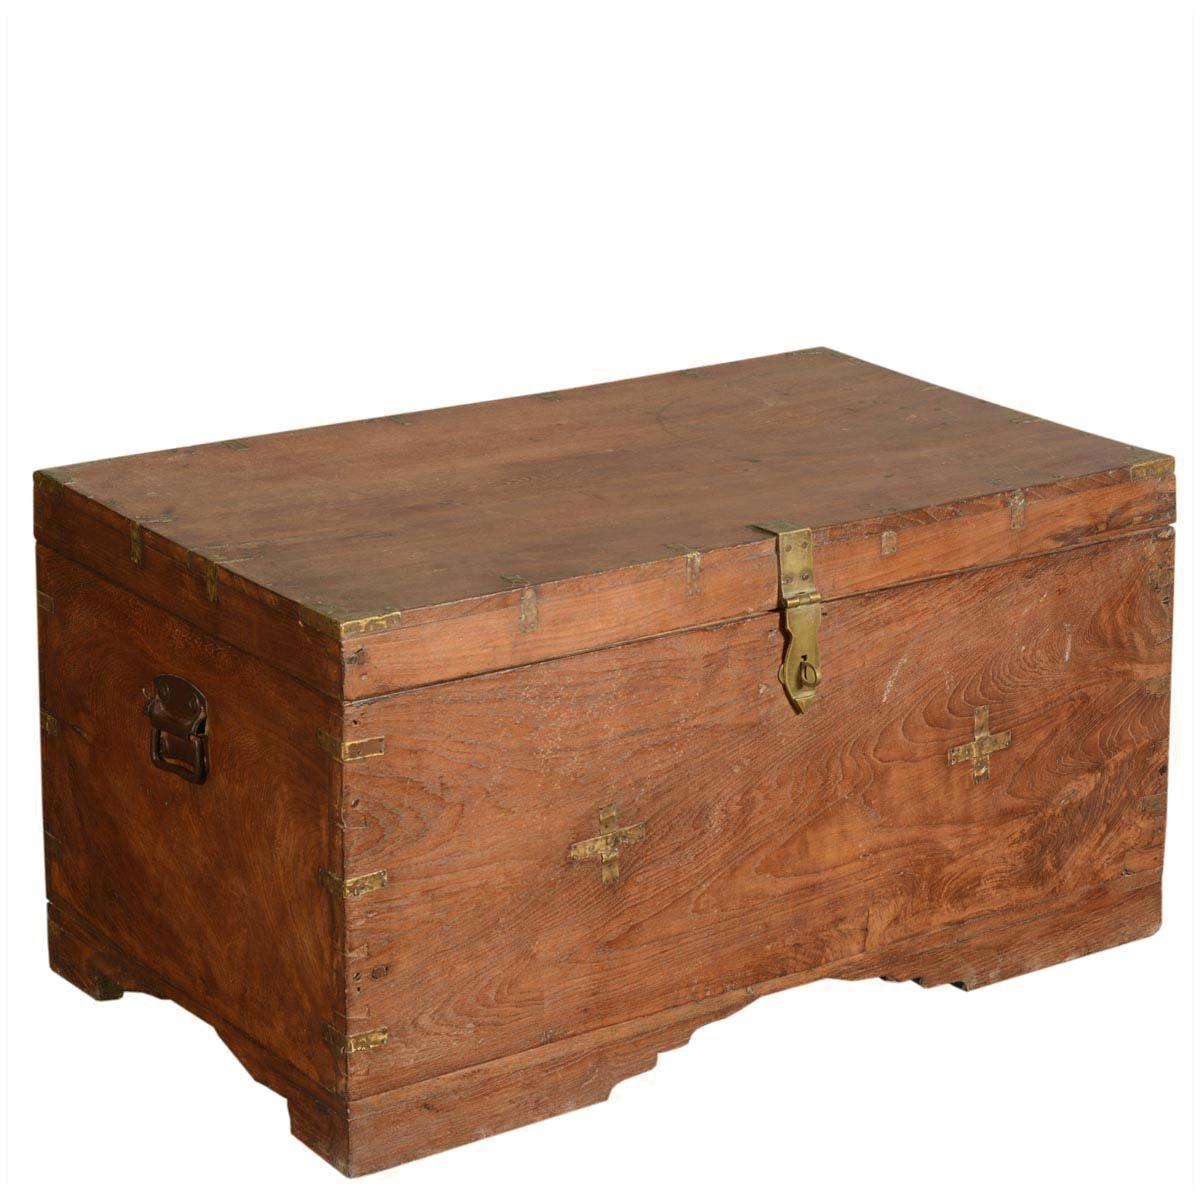 Amazon.com: Caja rústica de madera reciclada moderna hecha a ...